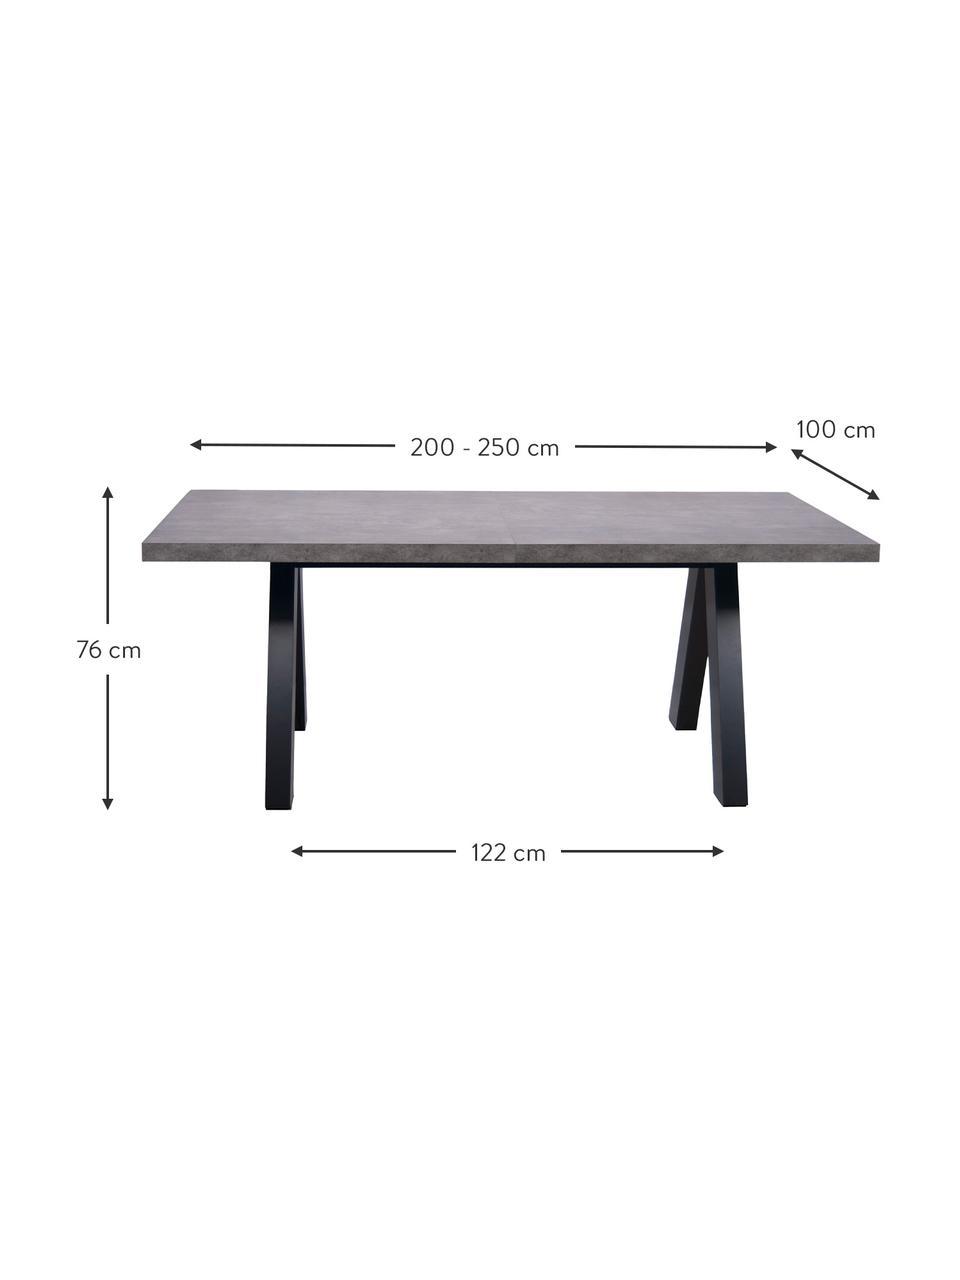 Stół rozsuwany do jadalni z imitacji betonu Apex, Blat: lekka struktura plastra m, Nogi: płyta pilśniowa średniej , Imitacja betonu, czarny, S 200 do 250 x G 100 cm